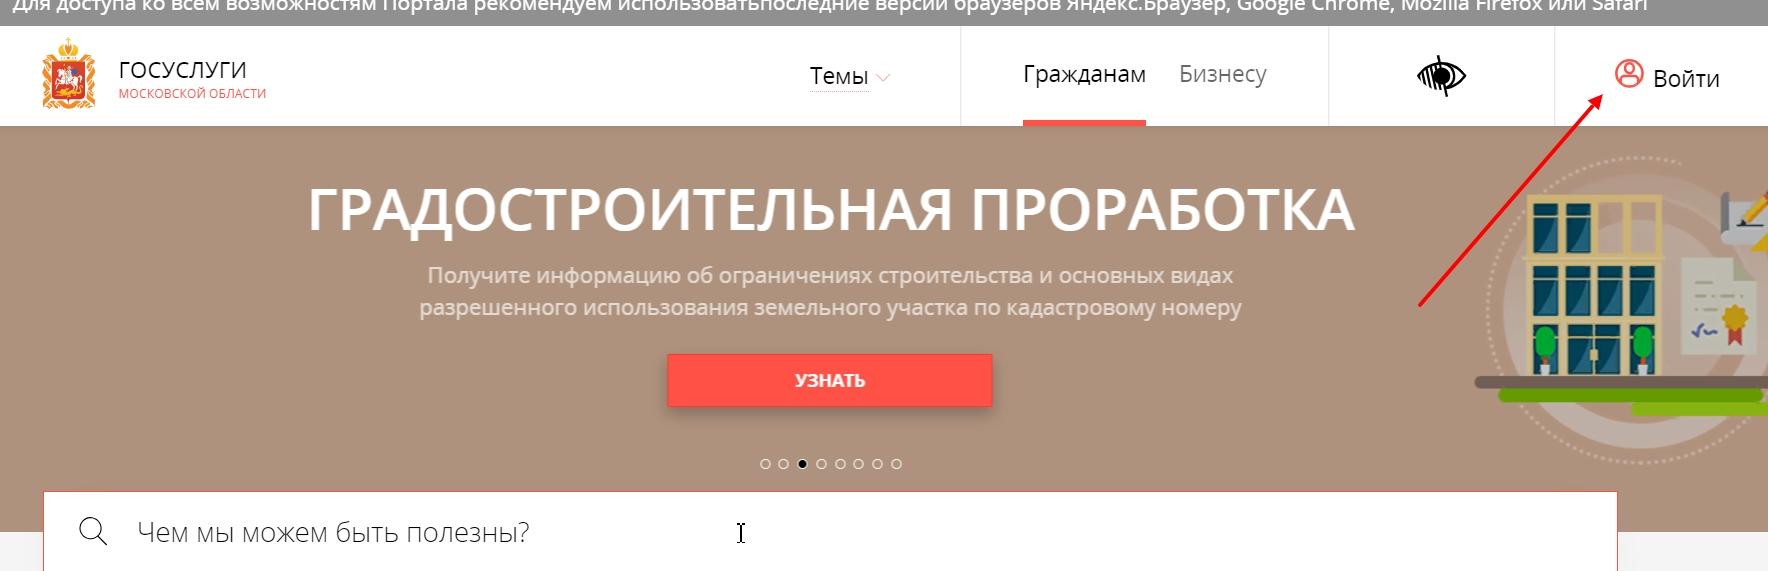 Войти в кабинет портала услуг Московской области